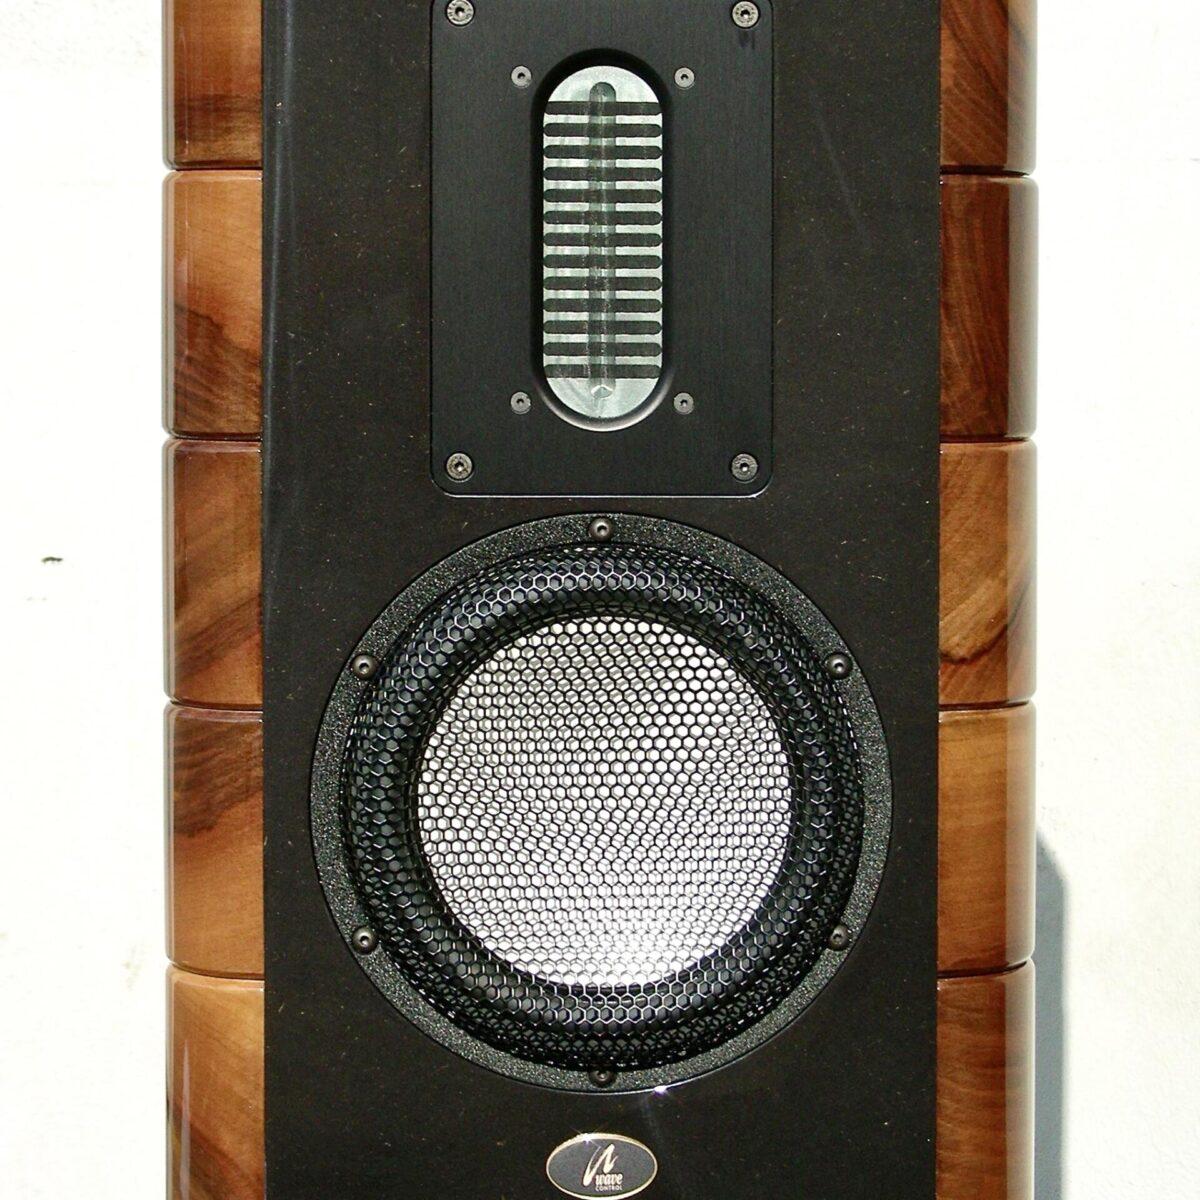 Wir freuen uns Ihnen eine limitierte Auflage (5 Paare) Lautsprecher der Firma Wave Control präsentieren zu können. Die Firma Wave Control ist eine kleine Schweizer Lautsprecher-Manufaktur in Wetzikon. Die Massivholz Lautsprecher, Chetaah, gibt es in Kirschbaum Ausführung. 35x43cm Höhe 101cm. Frequenzgang: 42Hz-20kHz Impedanz: 8 Ohm. Umfassendere Produkt Details sind gerne auf Anfrage vorhanden. Oder auch direkt bei der Firma Wave Control erhältlich.